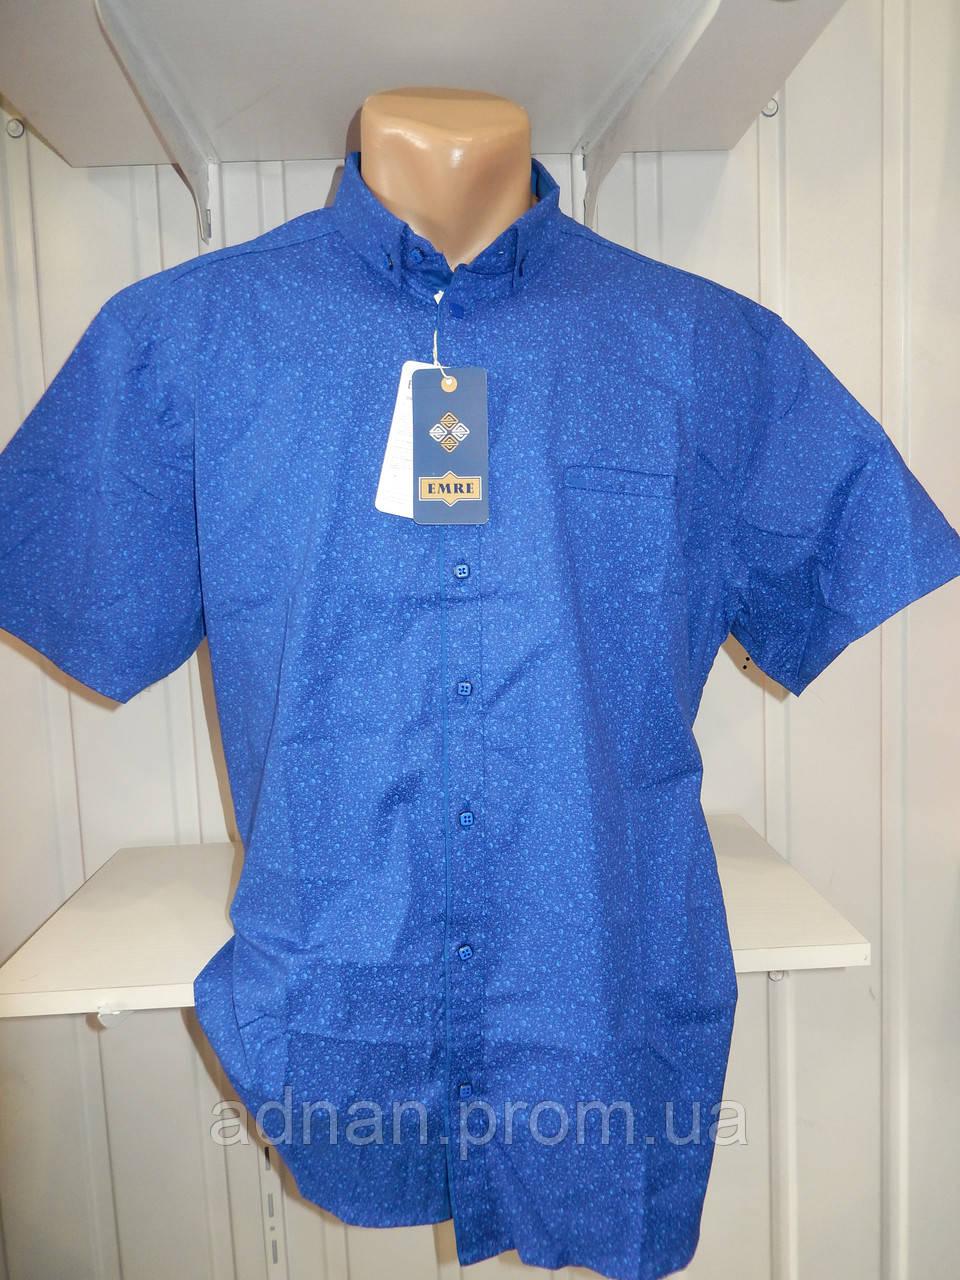 Рубашка мужская EMRE, батал, короткий рукав, стрейч, заклёпки, узор 06.2018 009\ купить рубашку